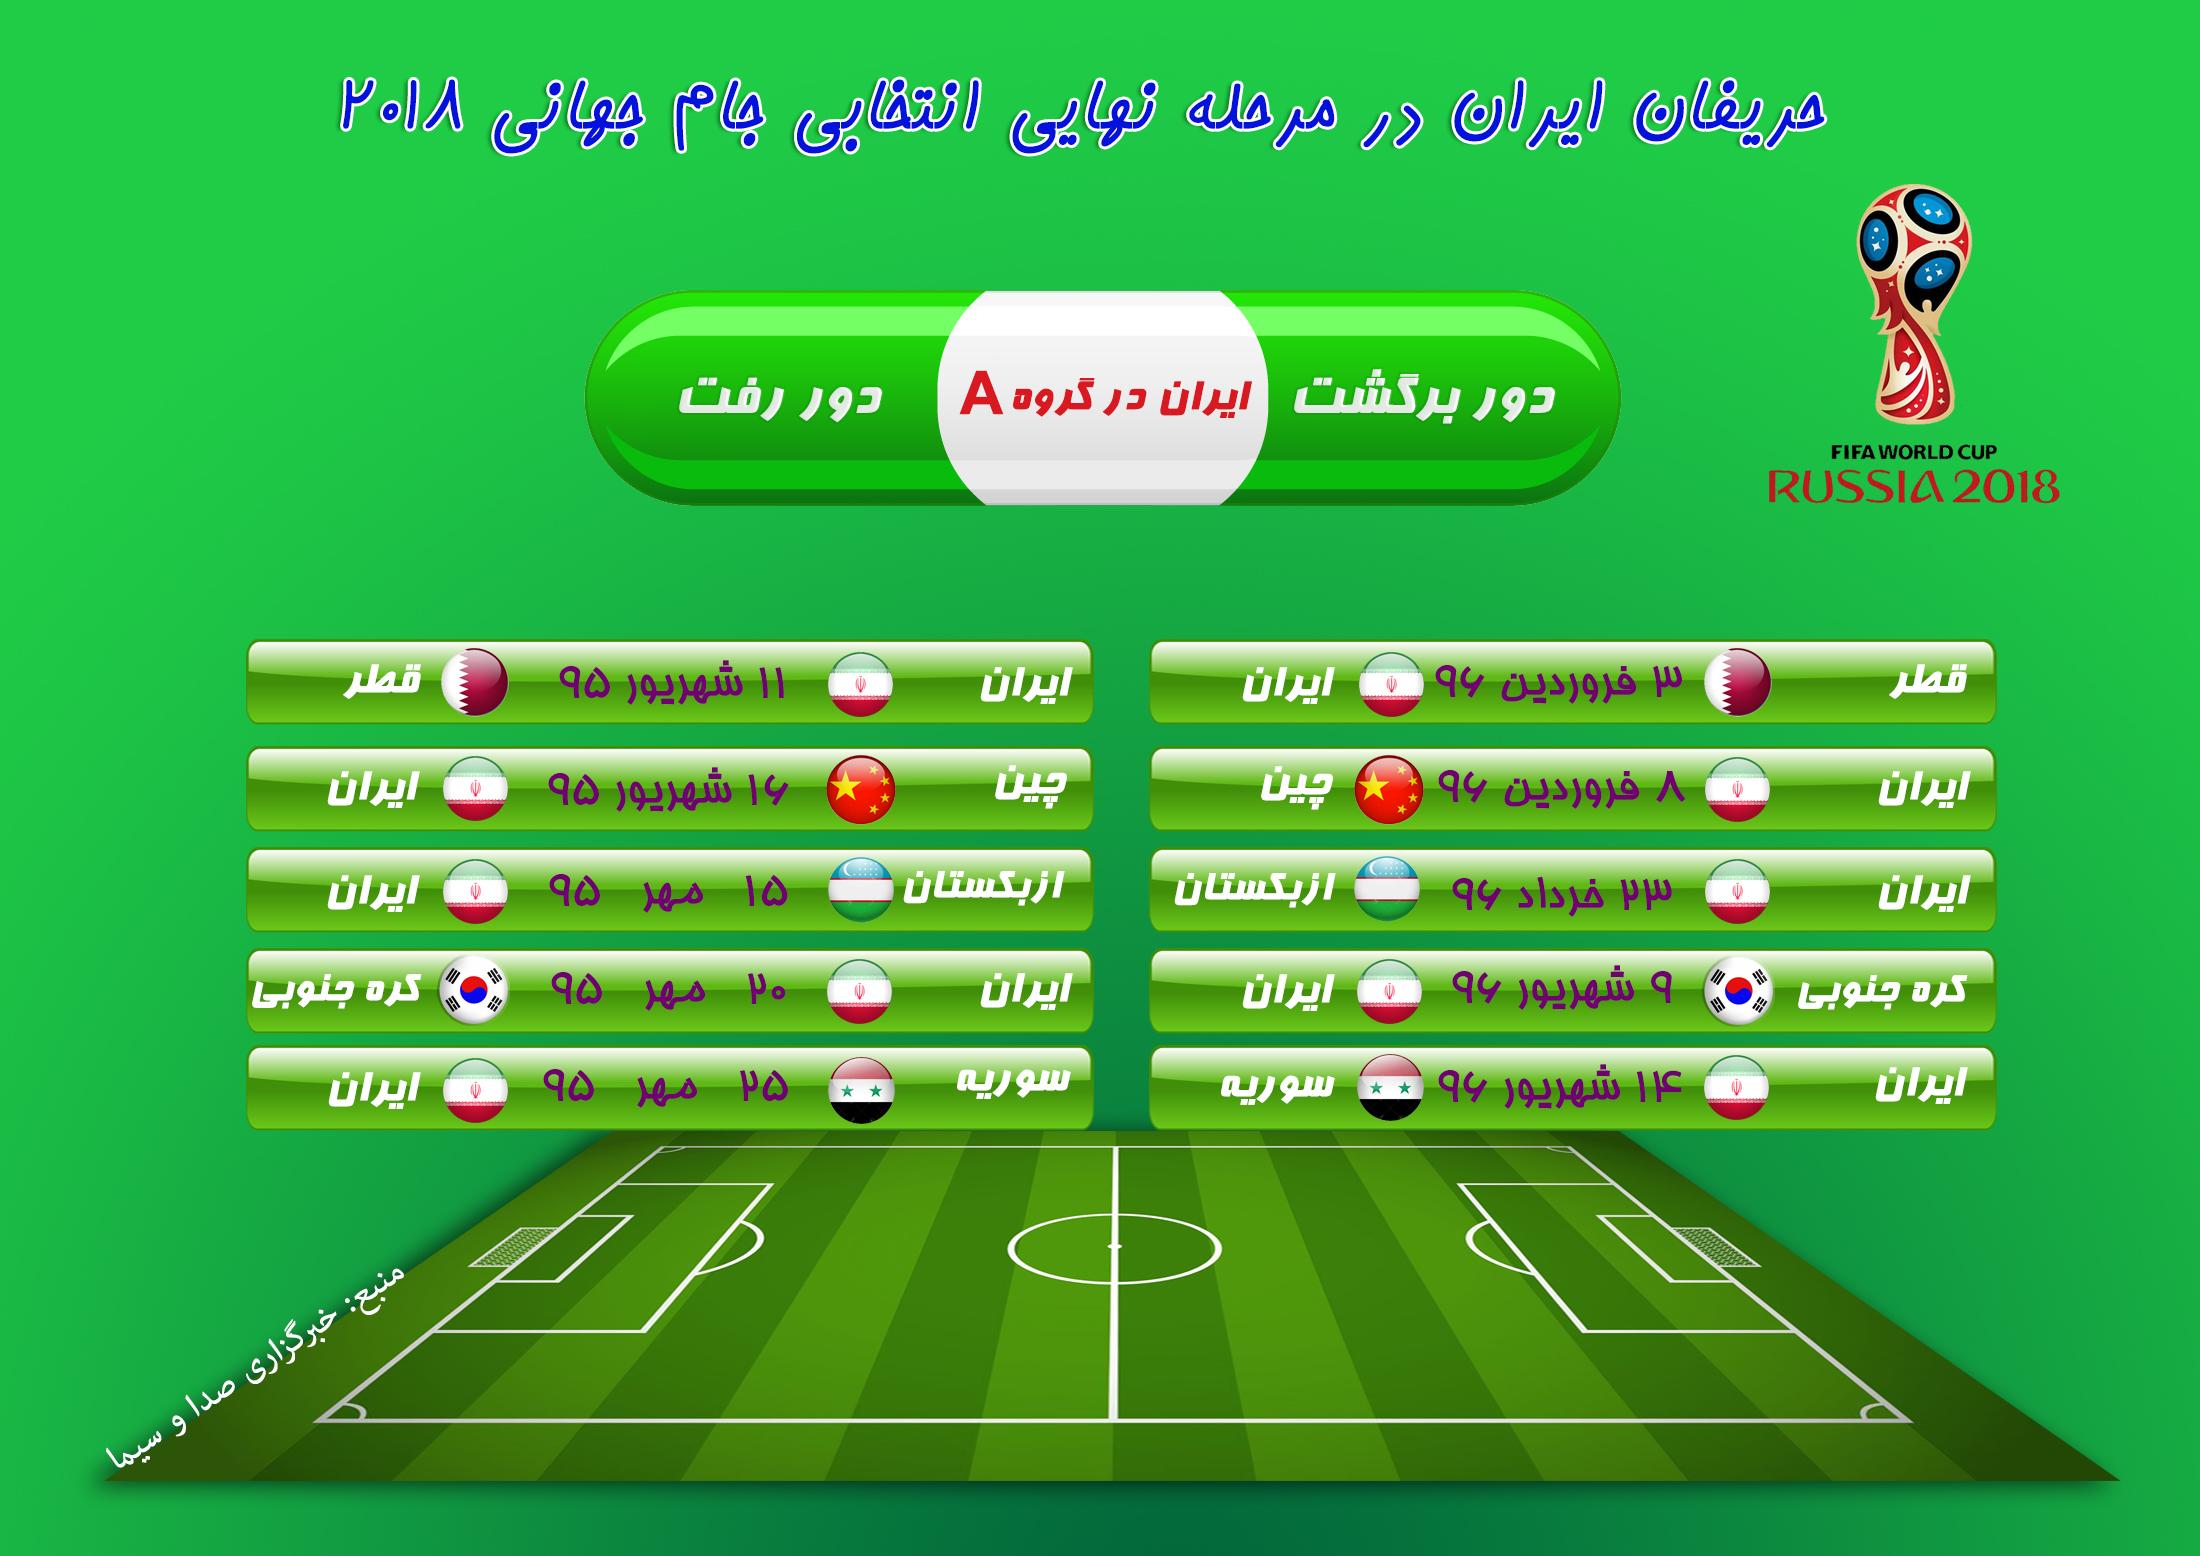 حریفان ایران در مرحله نهایی انتخابی جام جهانی 2018+ اینفوگرافی